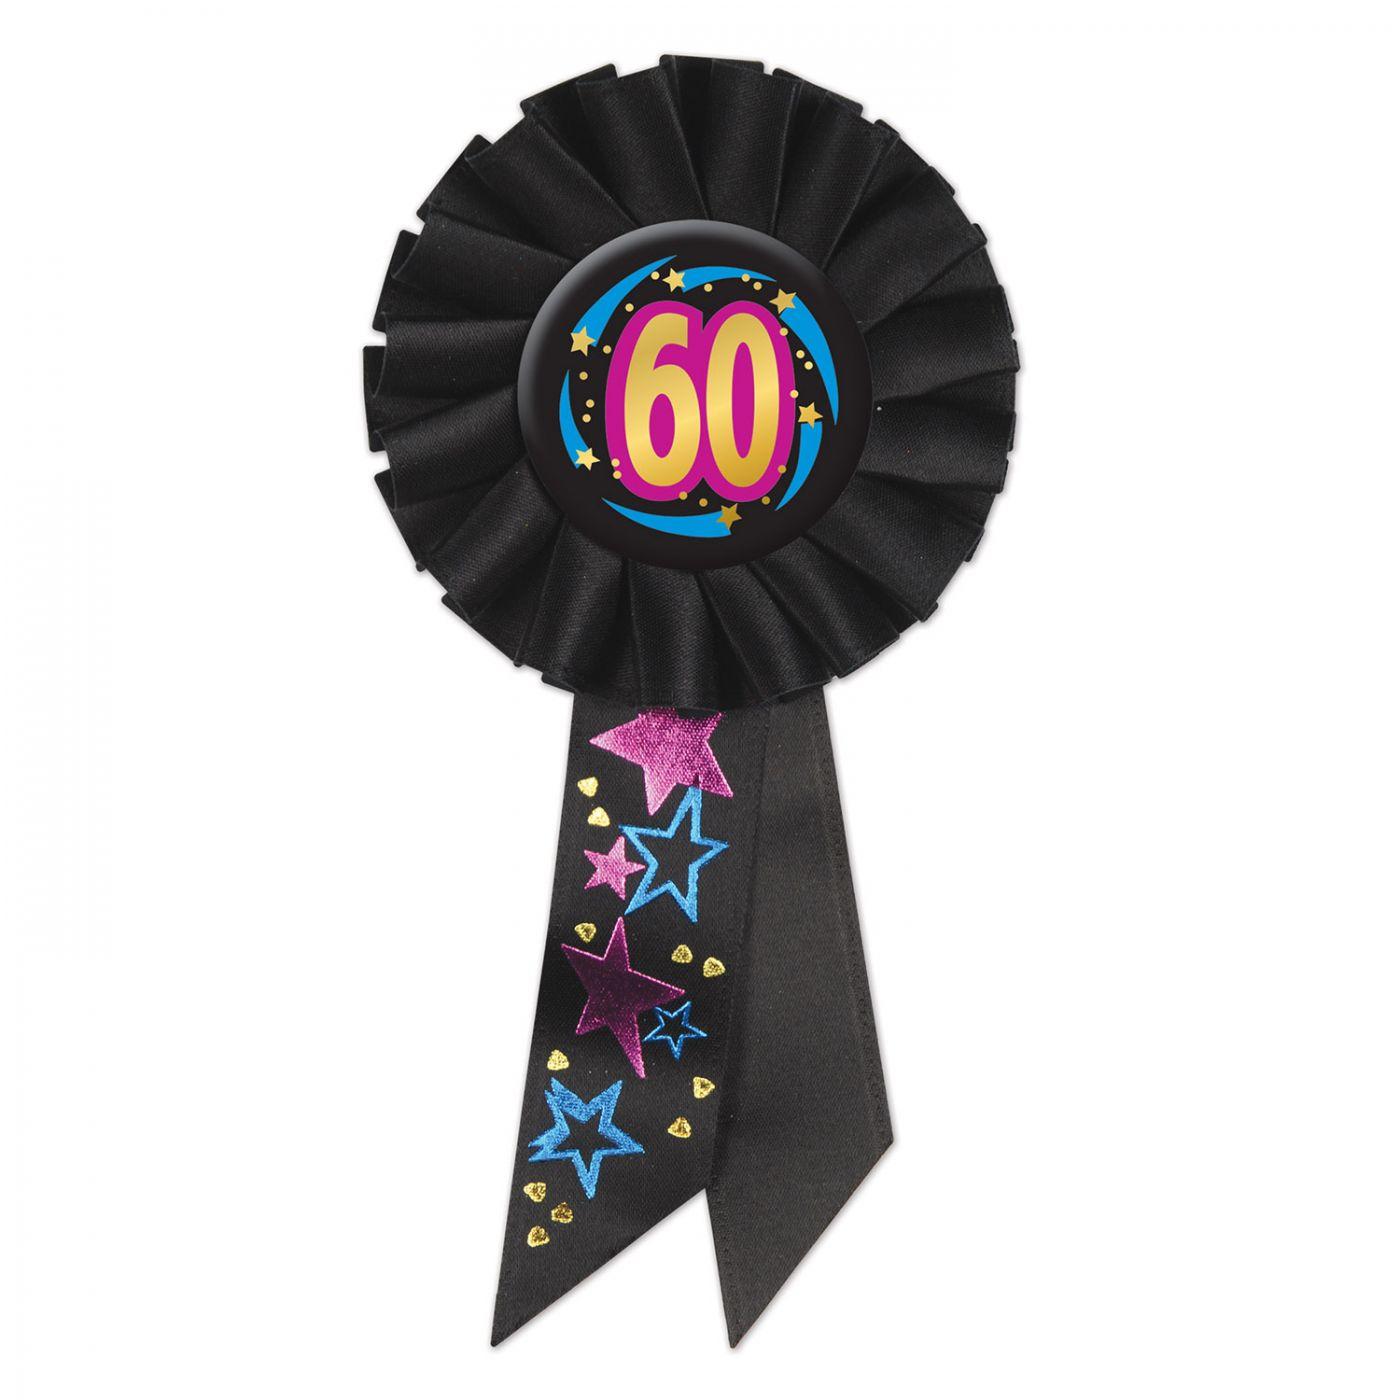 Image of 60 Rosette (6)